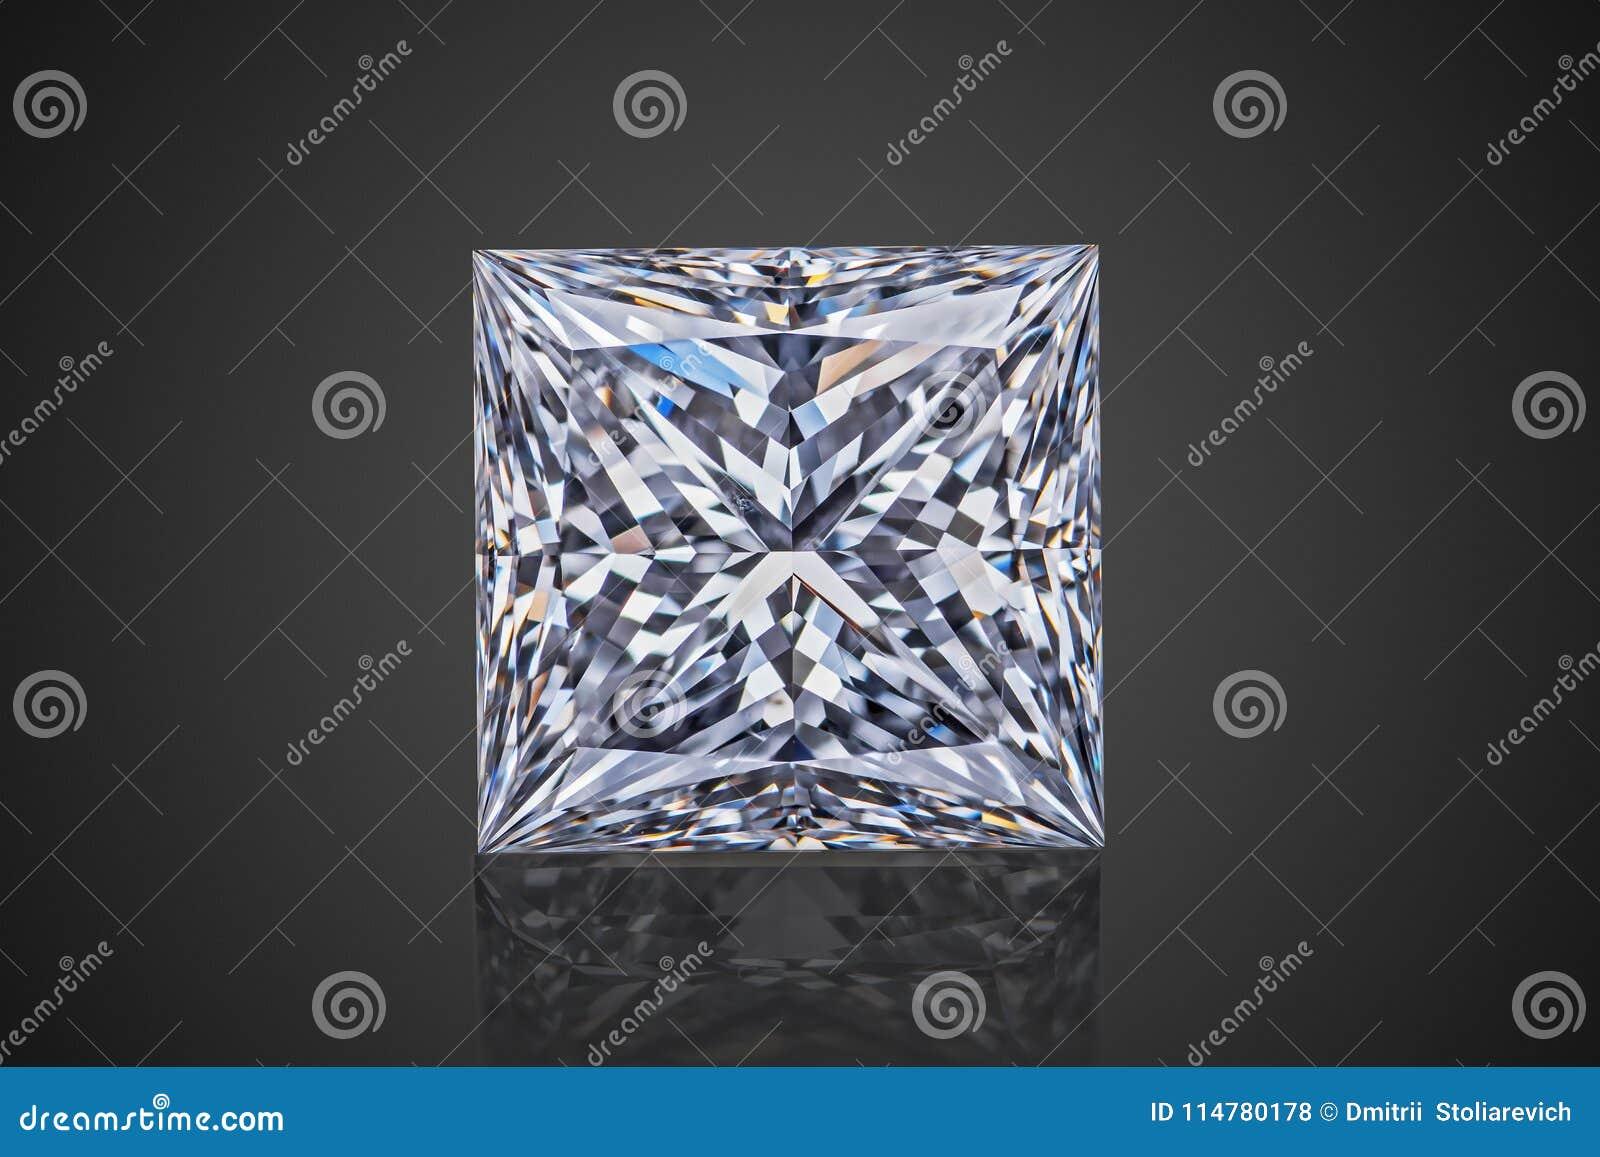 Den lyxiga akromatiska genomskinliga mousserande prinsessan för gemstonefyrkantform klippte diamanten som isolerades på svart bak